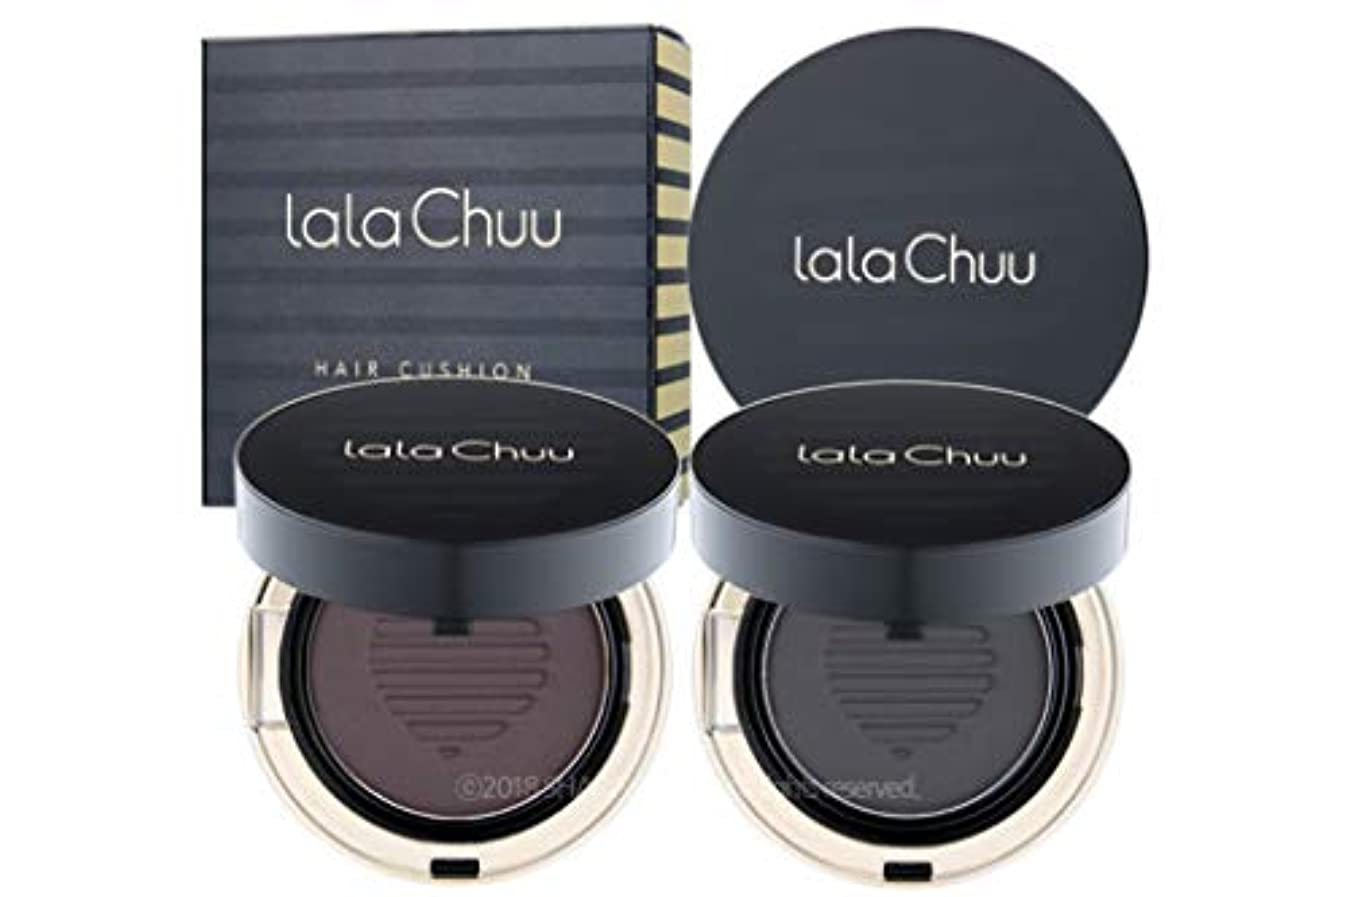 新年課すフィードバック[LALACHUU] ラチュボリュームヘアクッション 15g / lala Chuu VOLUME HAIR CUSHION 15g [並行輸入品] (Natural Black)